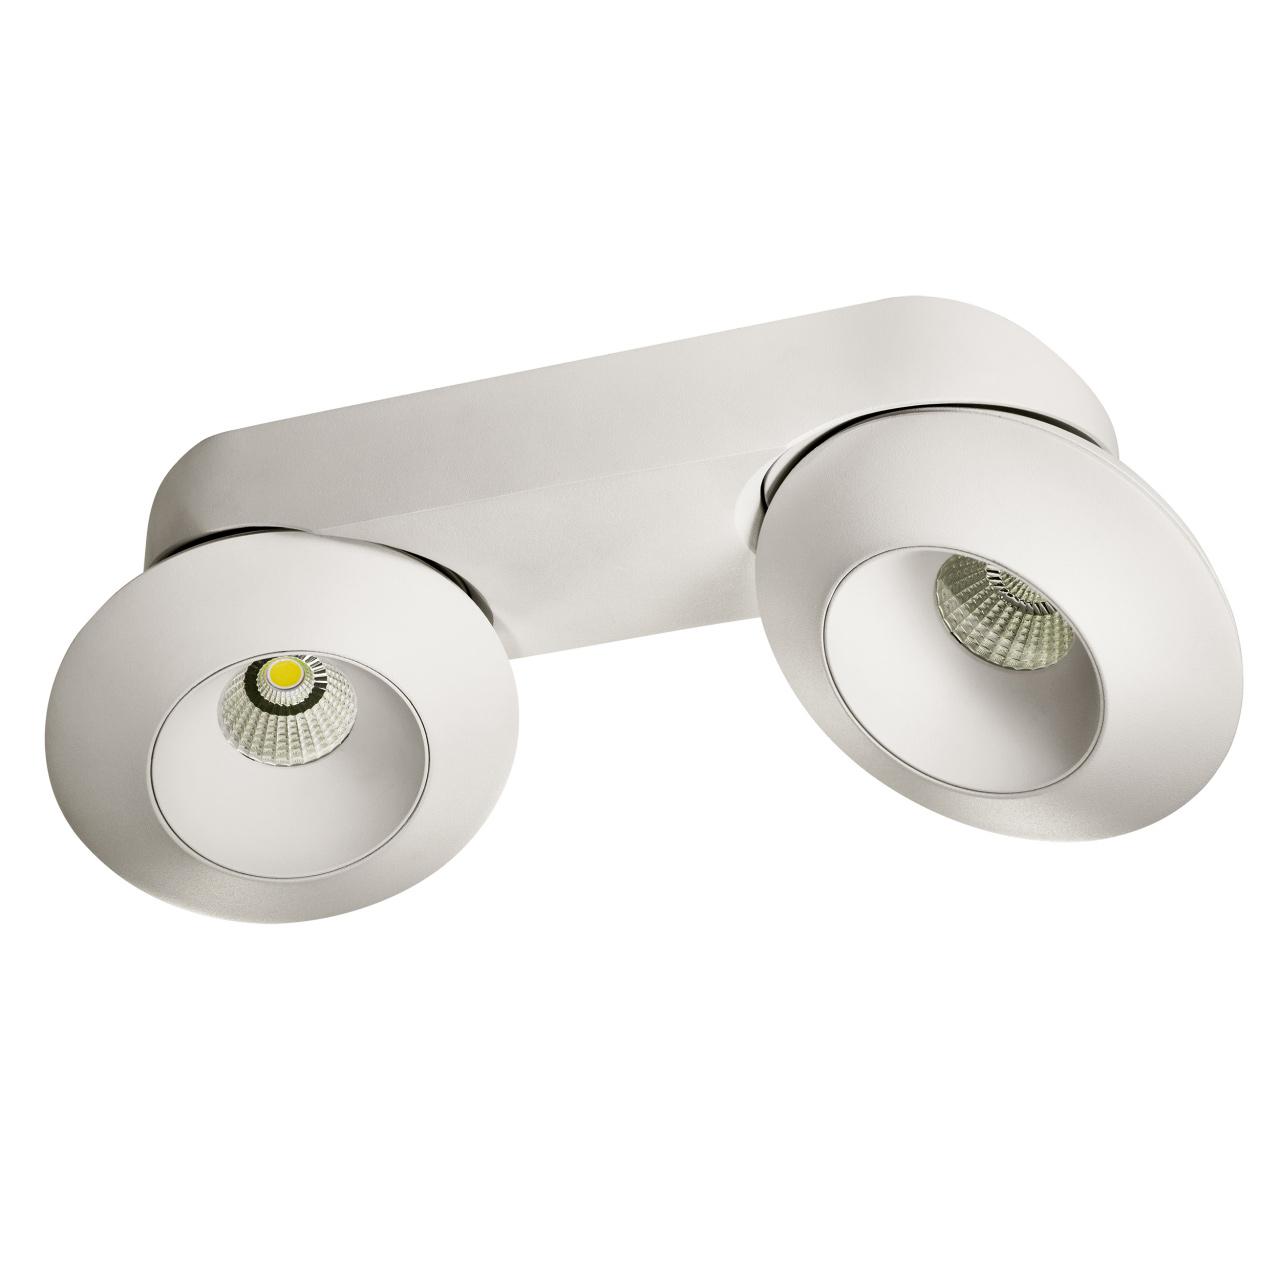 Светильник Orbe LED 32W 2480LM 60G белый 4000K Lightstar 051226